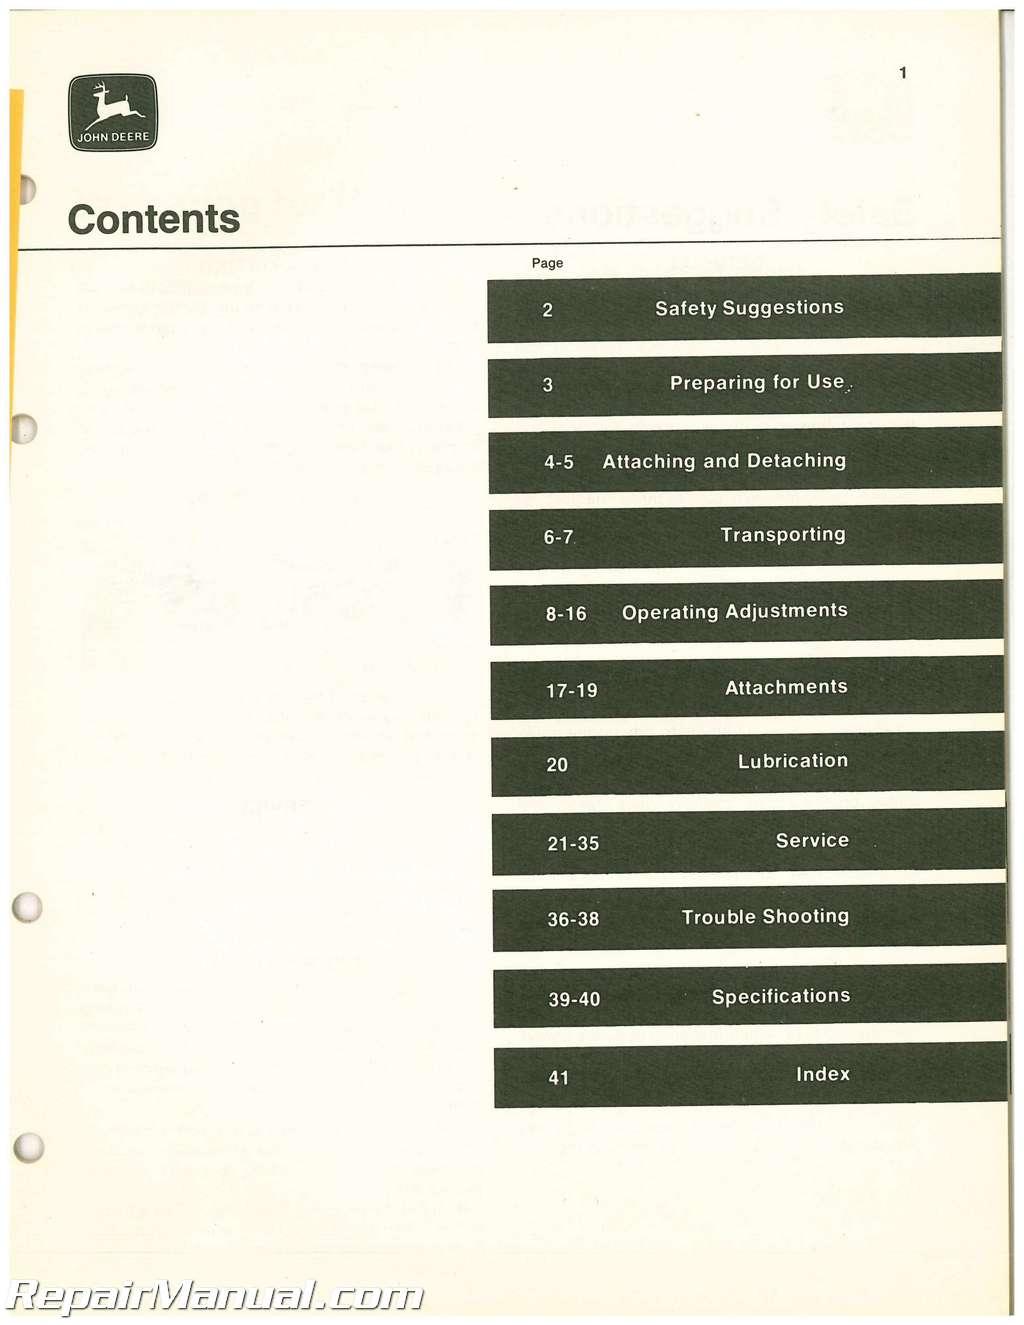 John Deere 310c Repair manual